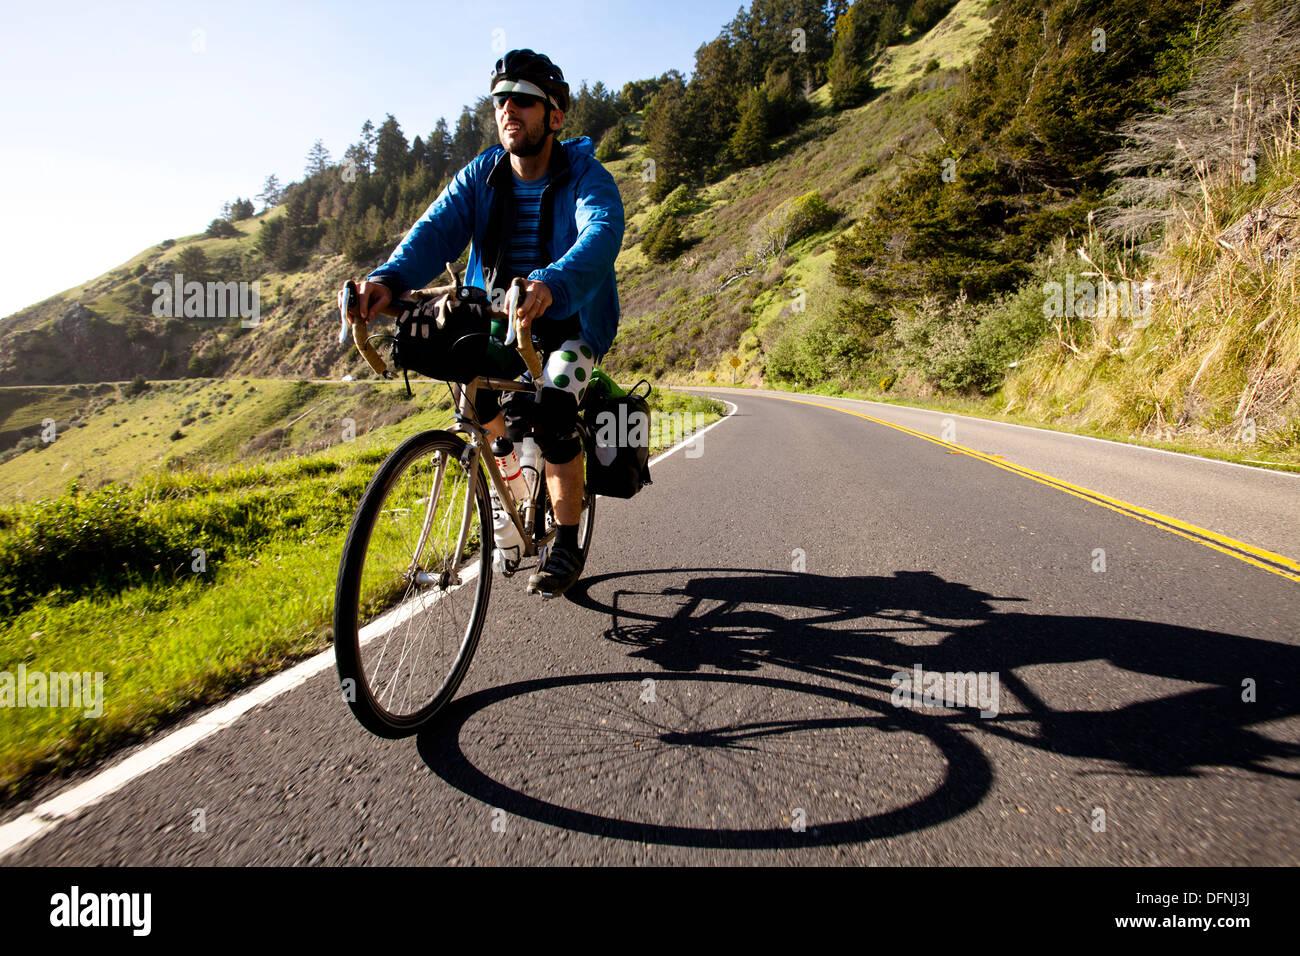 Ein männlicher Radfahrer fährt Touring Rad auf dem Pacific Coast Highway in der Nähe von Jenner, Kalifornien. Stockbild